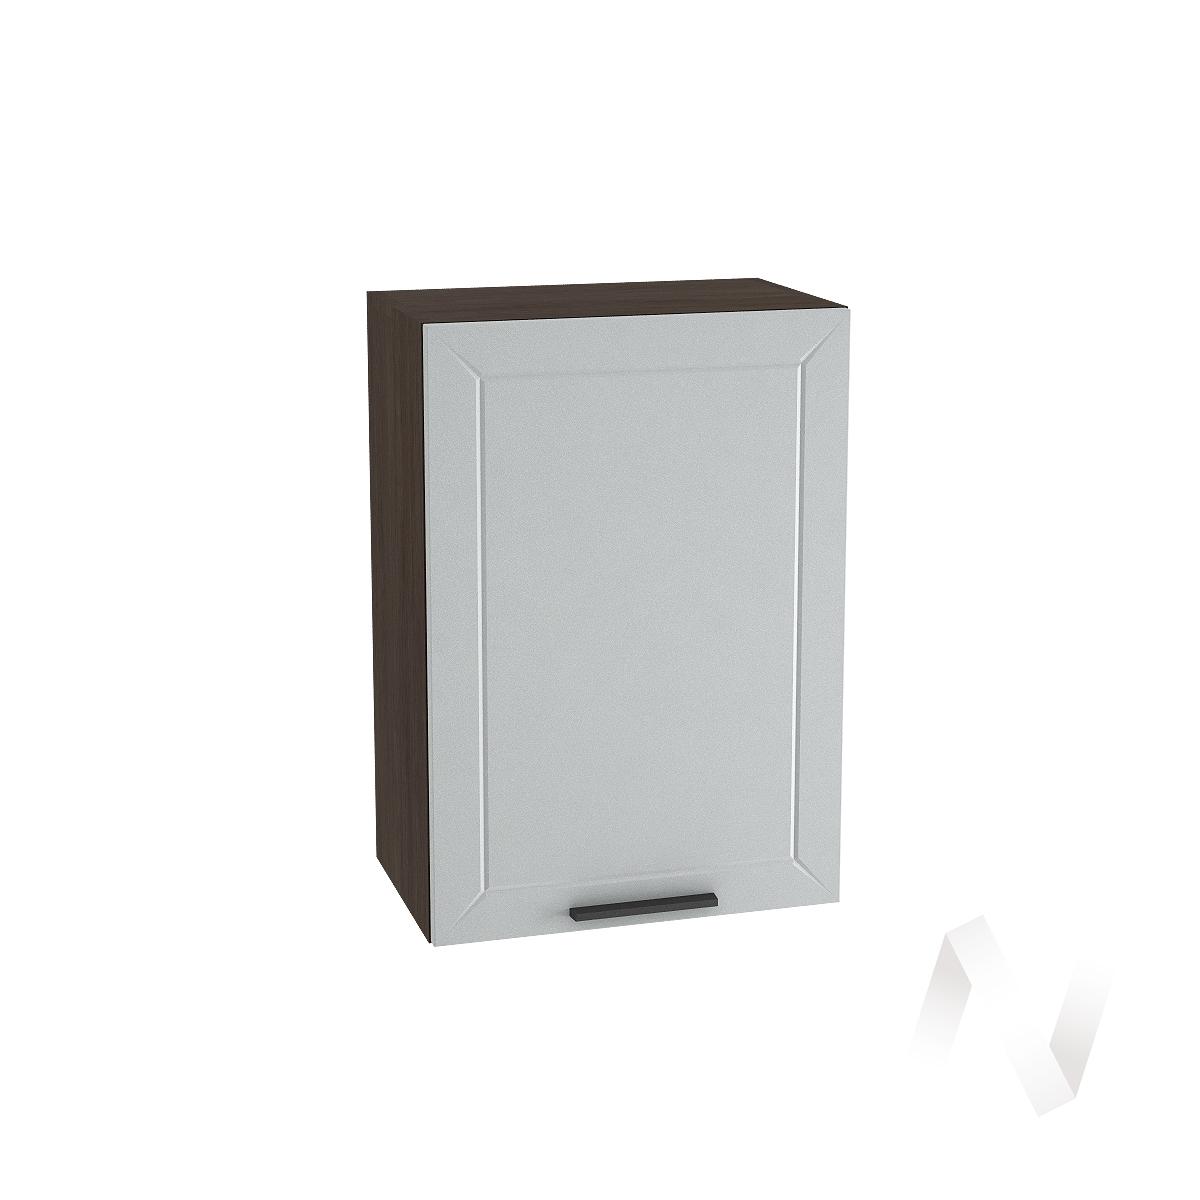 """Кухня """"Глетчер"""": Шкаф верхний 500, ШВ 500 (Гейнсборо Силк/корпус венге)"""